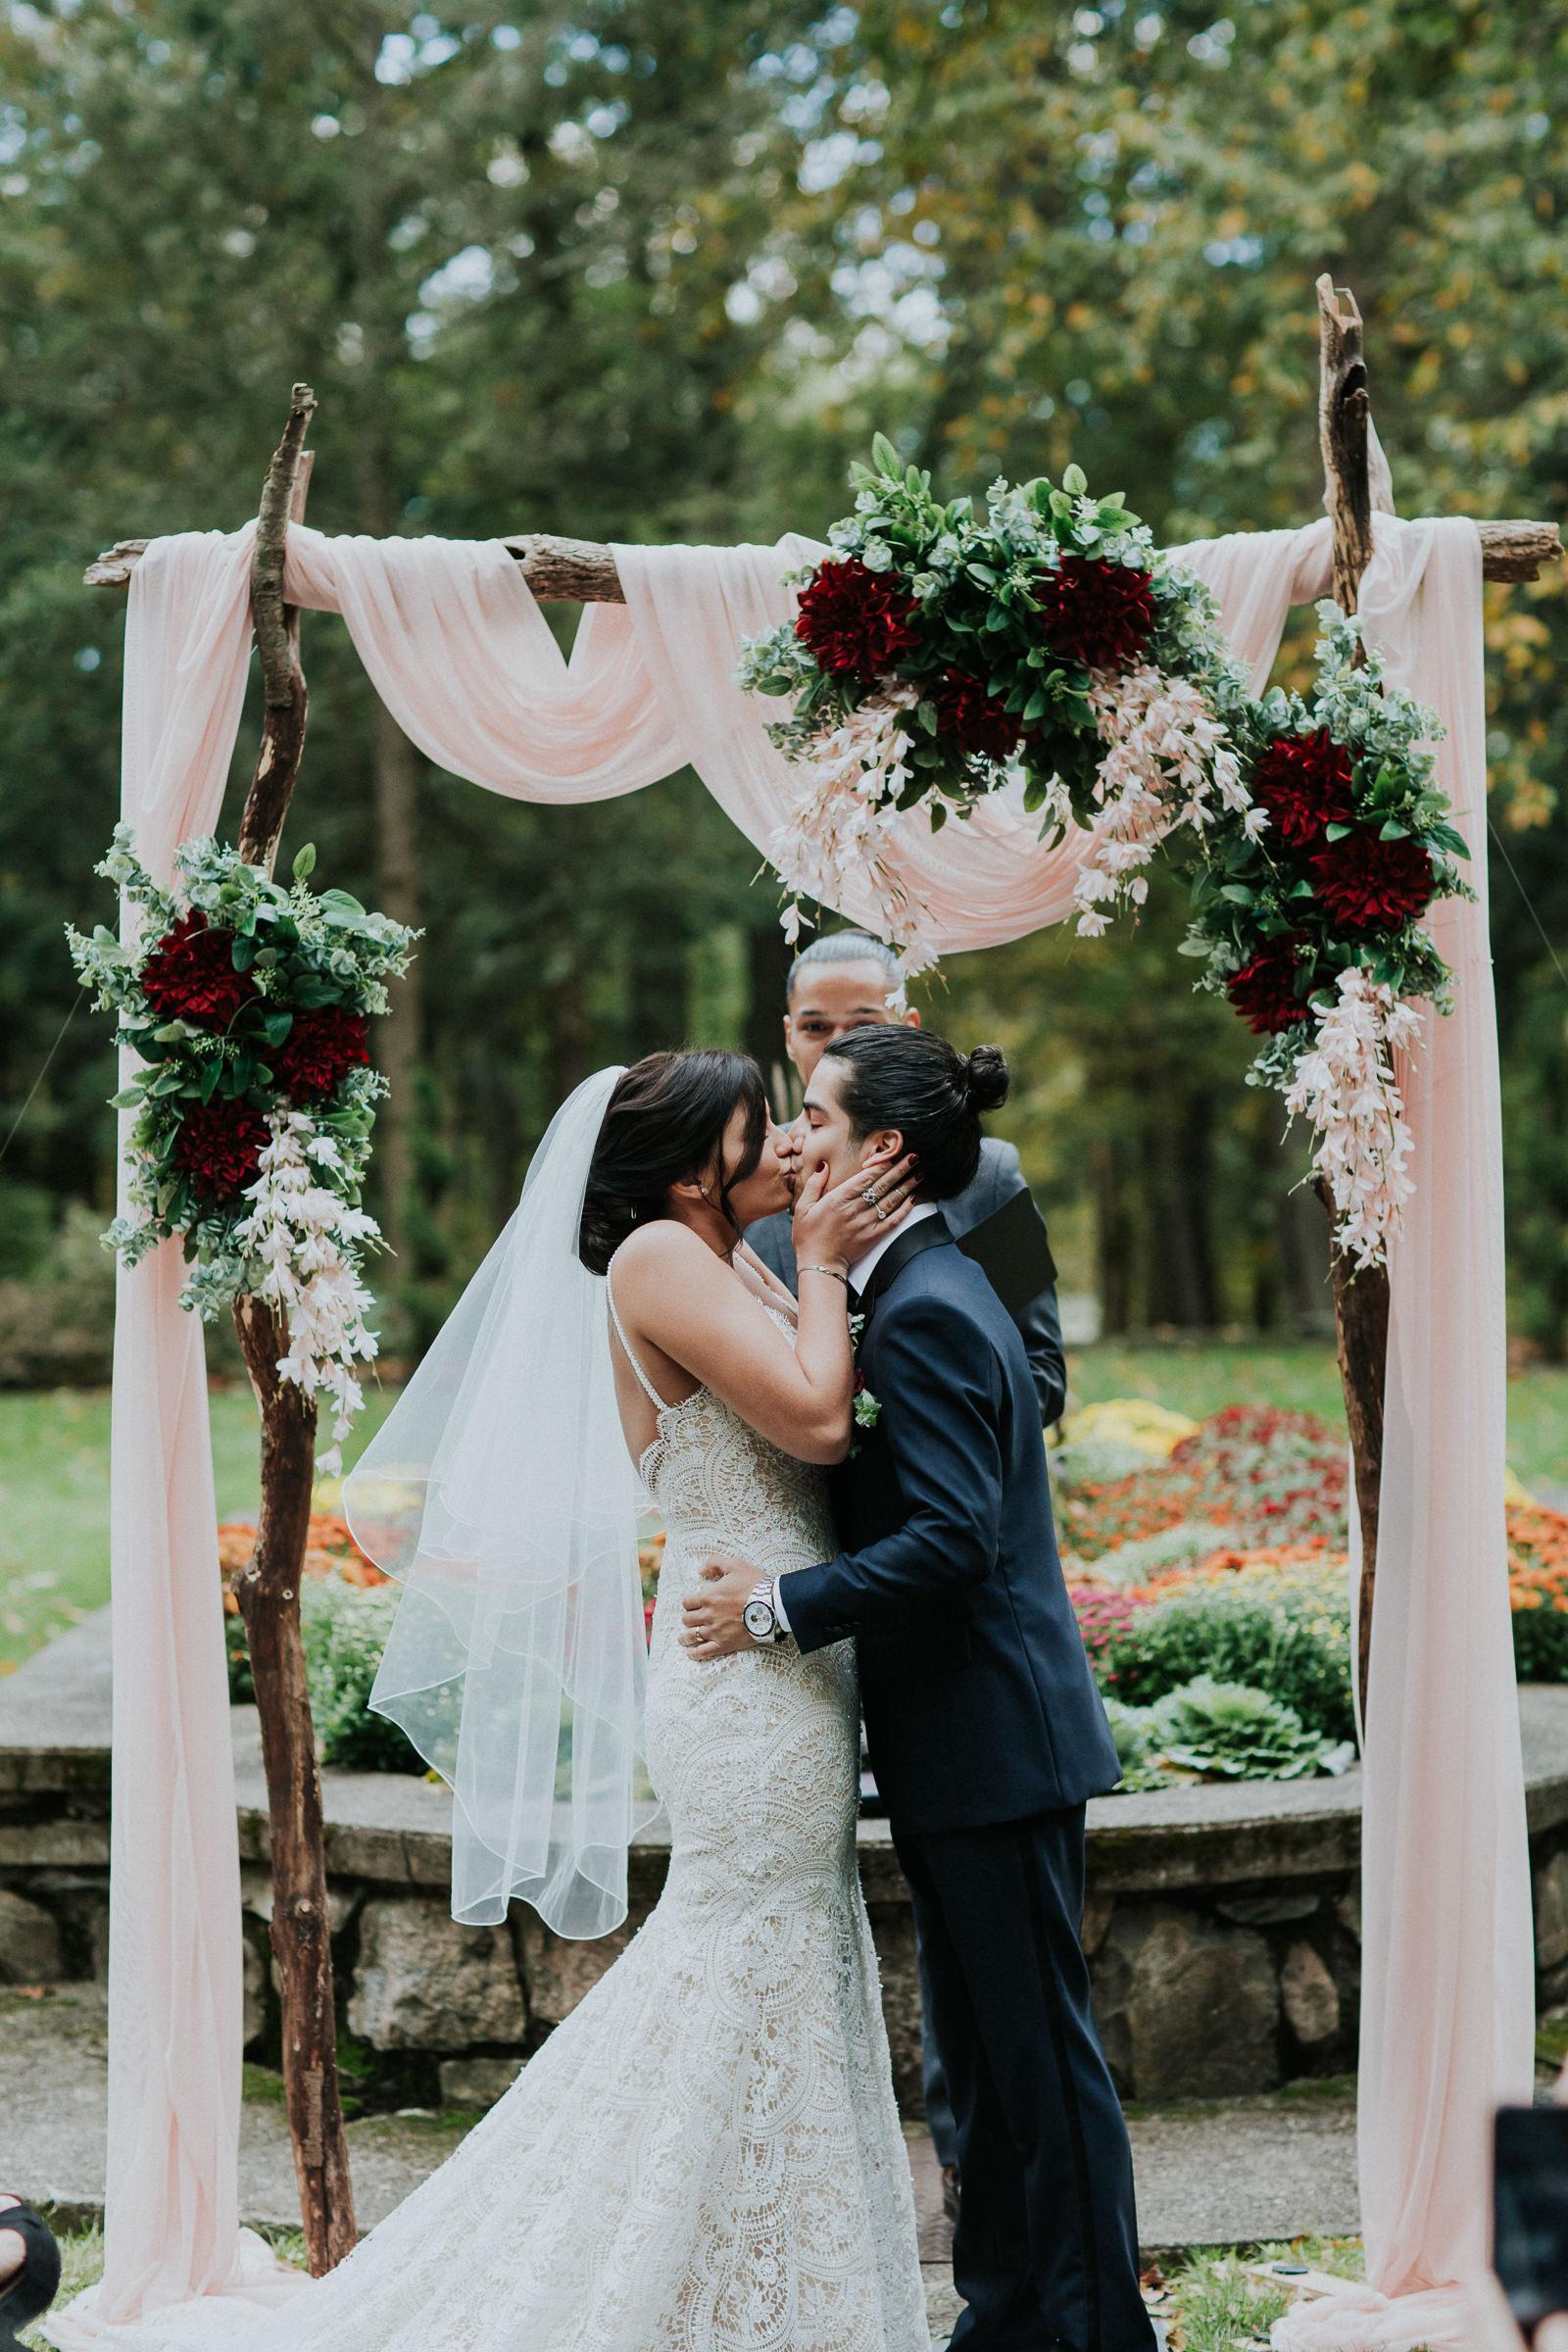 Arrow-Park-Monroe-NY-Documentary-Wedding-Photographer-57.jpg